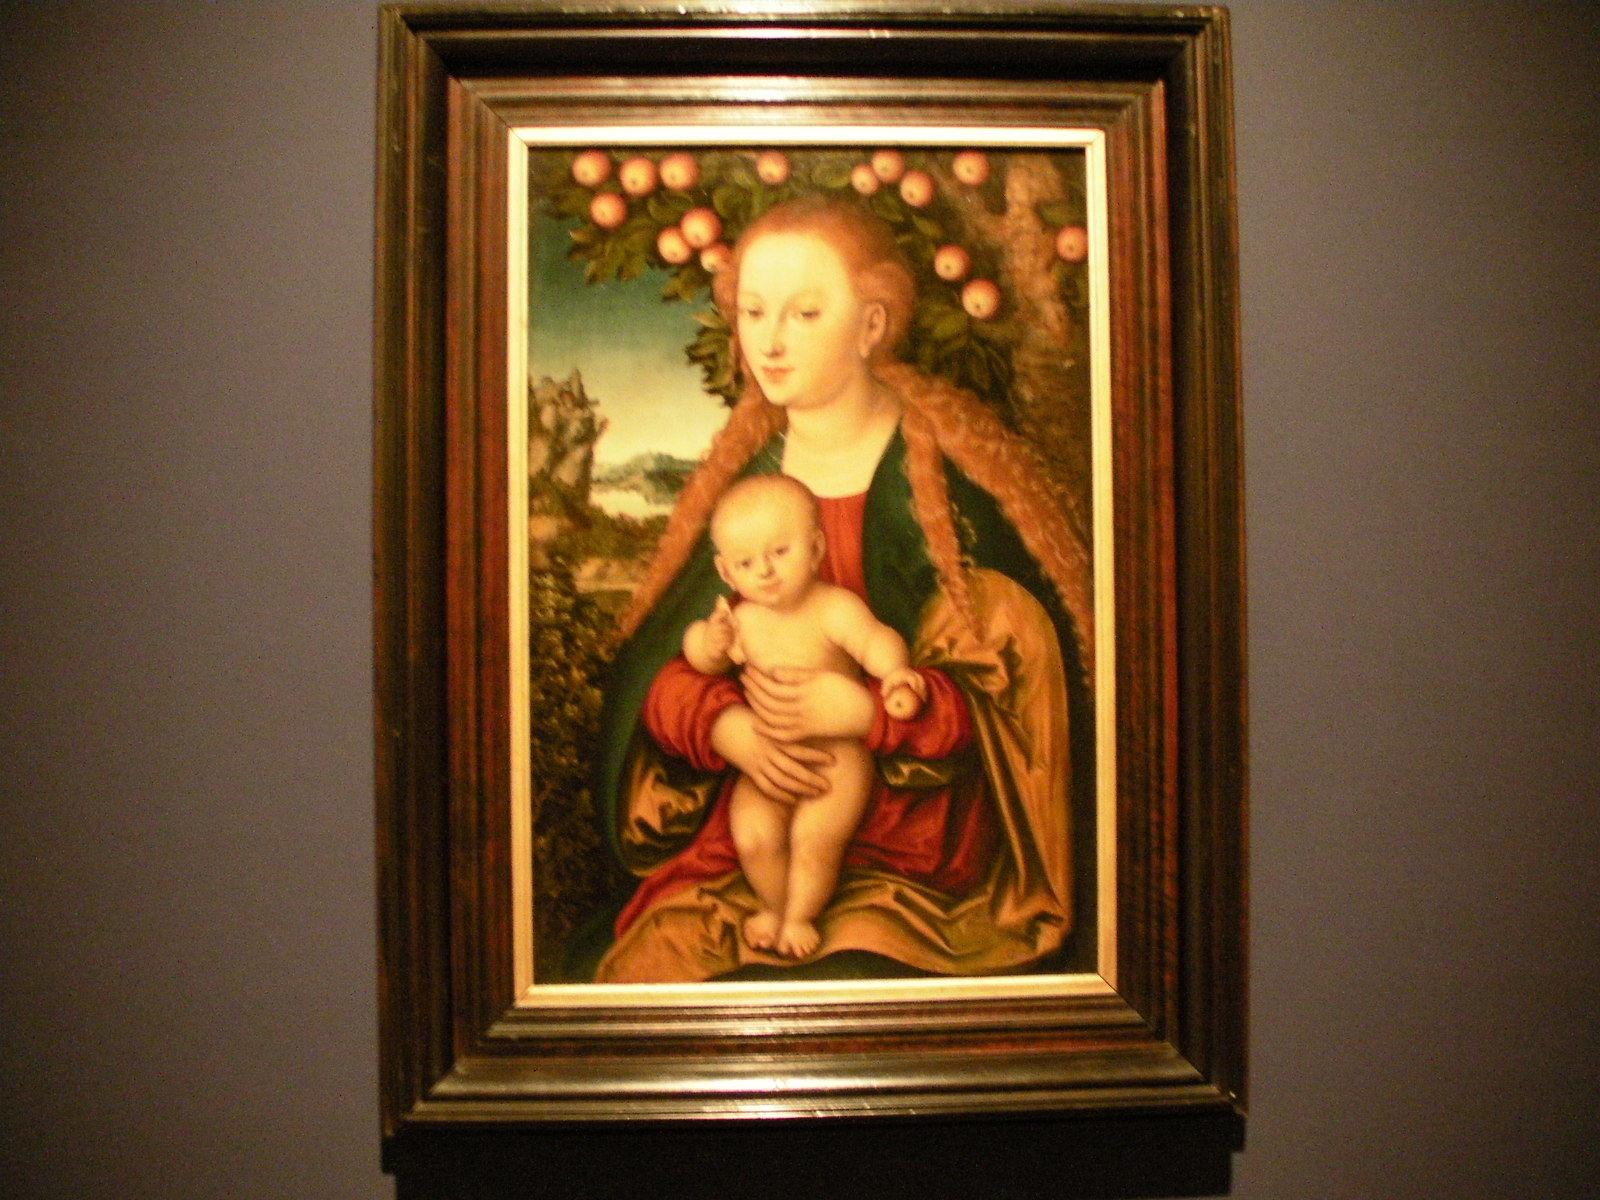 ルカス・クラーナハ《林檎の木の下の聖母子》(1530年頃)